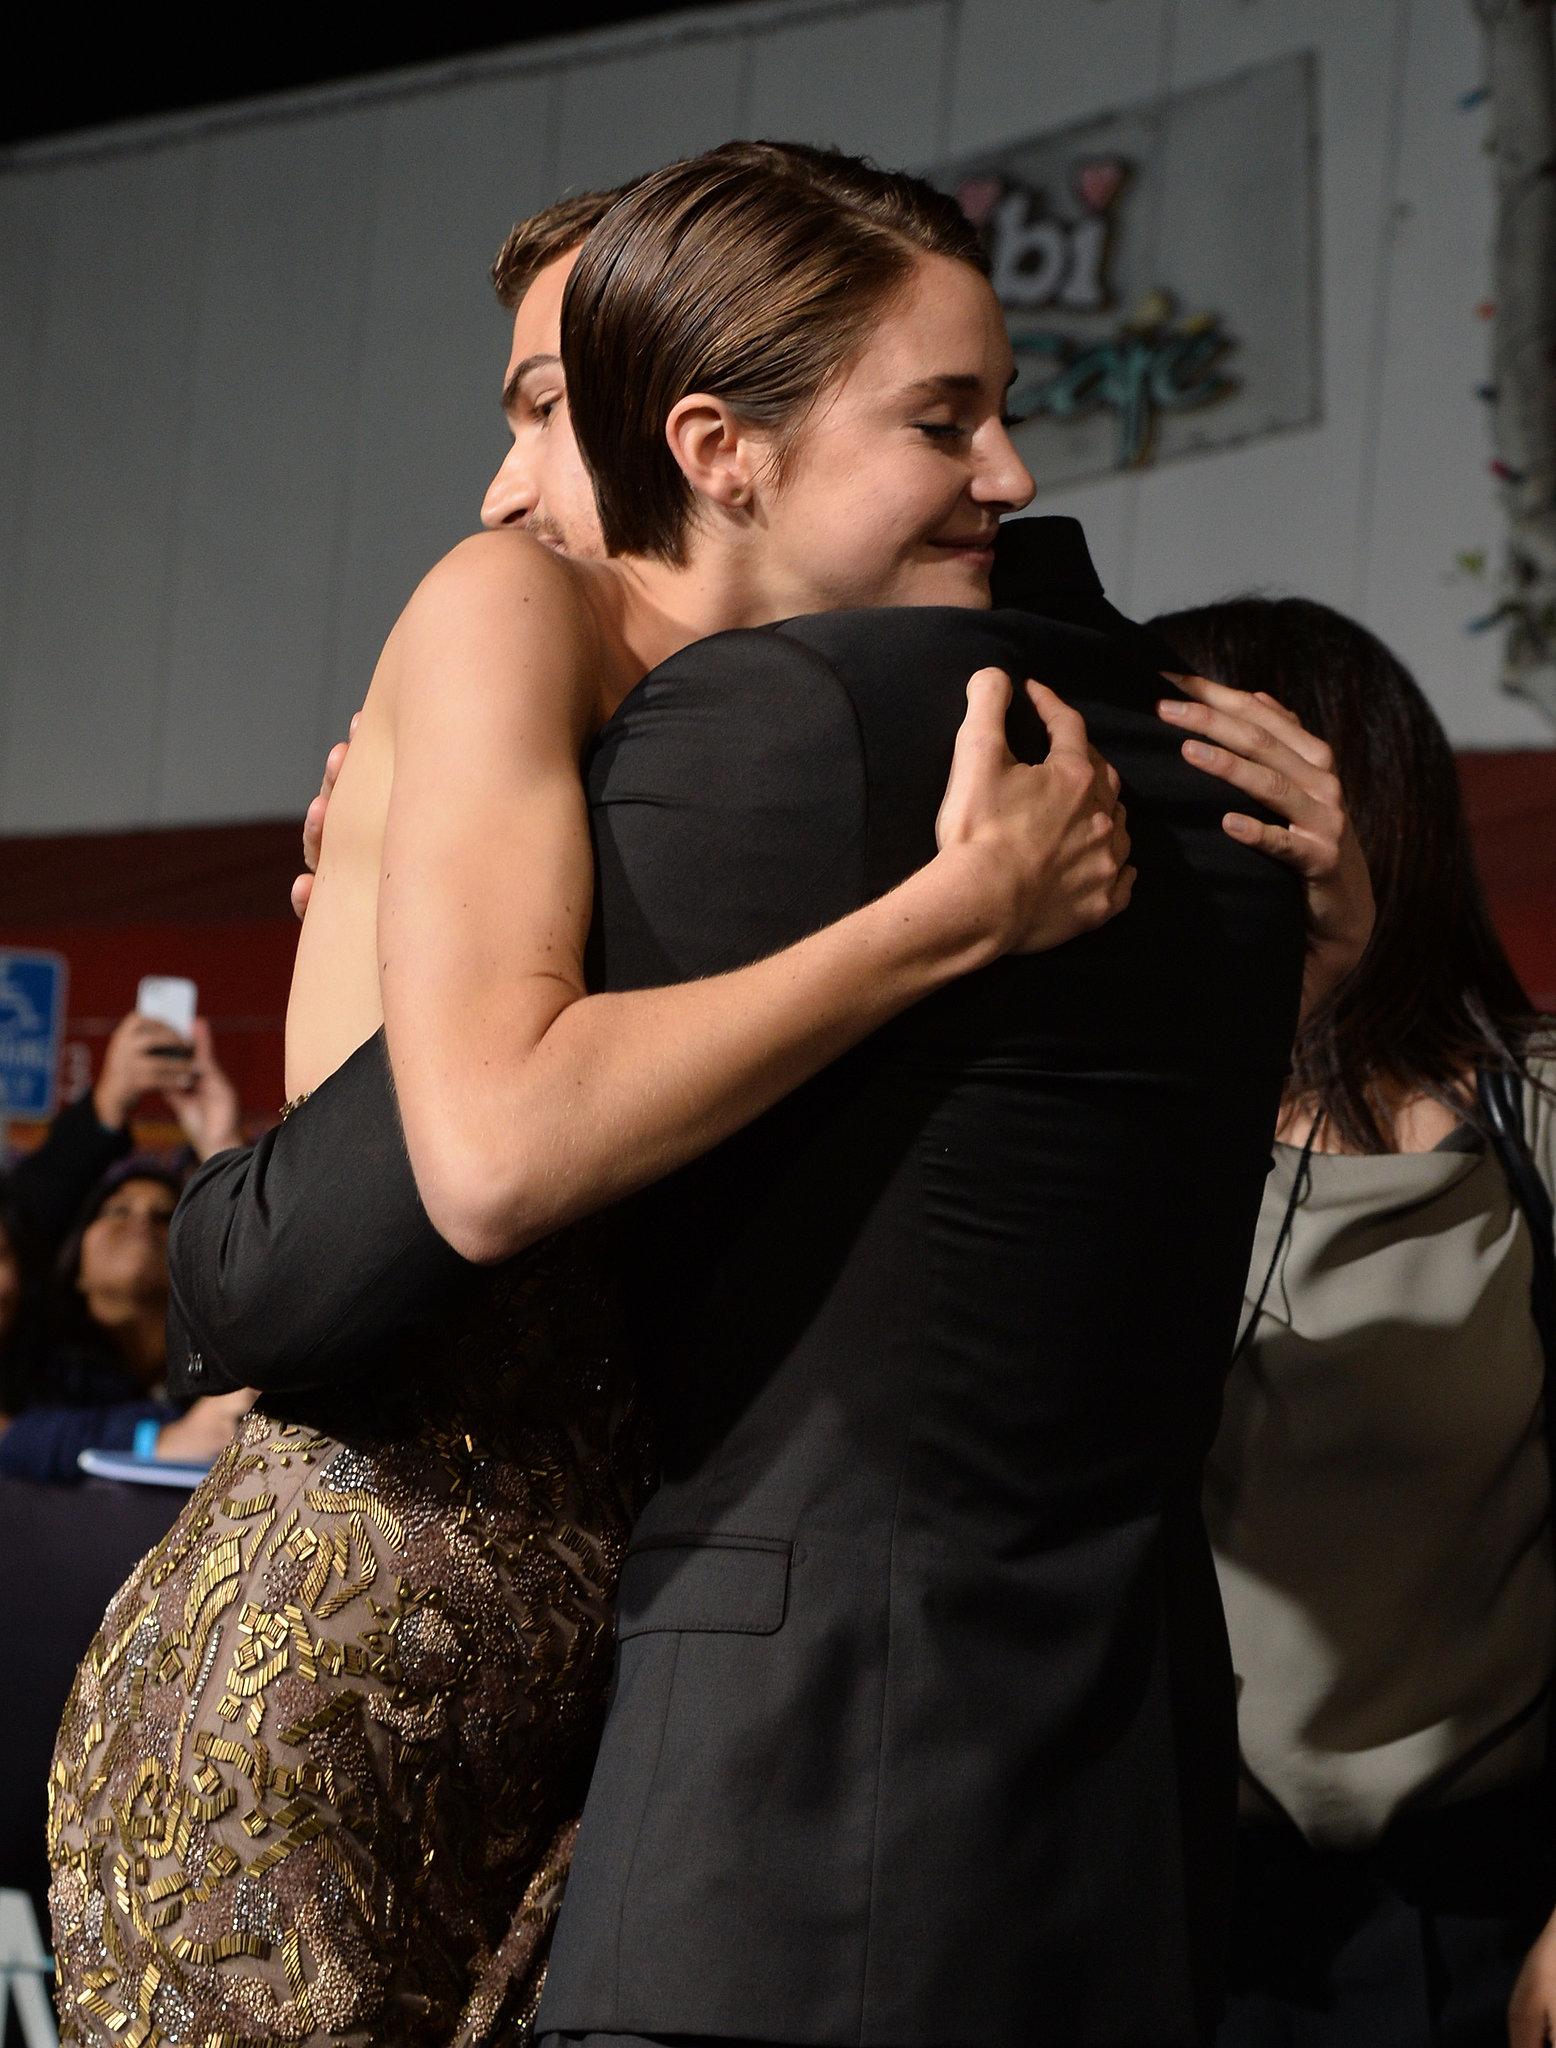 Then She Gave Theo James a Big Hug